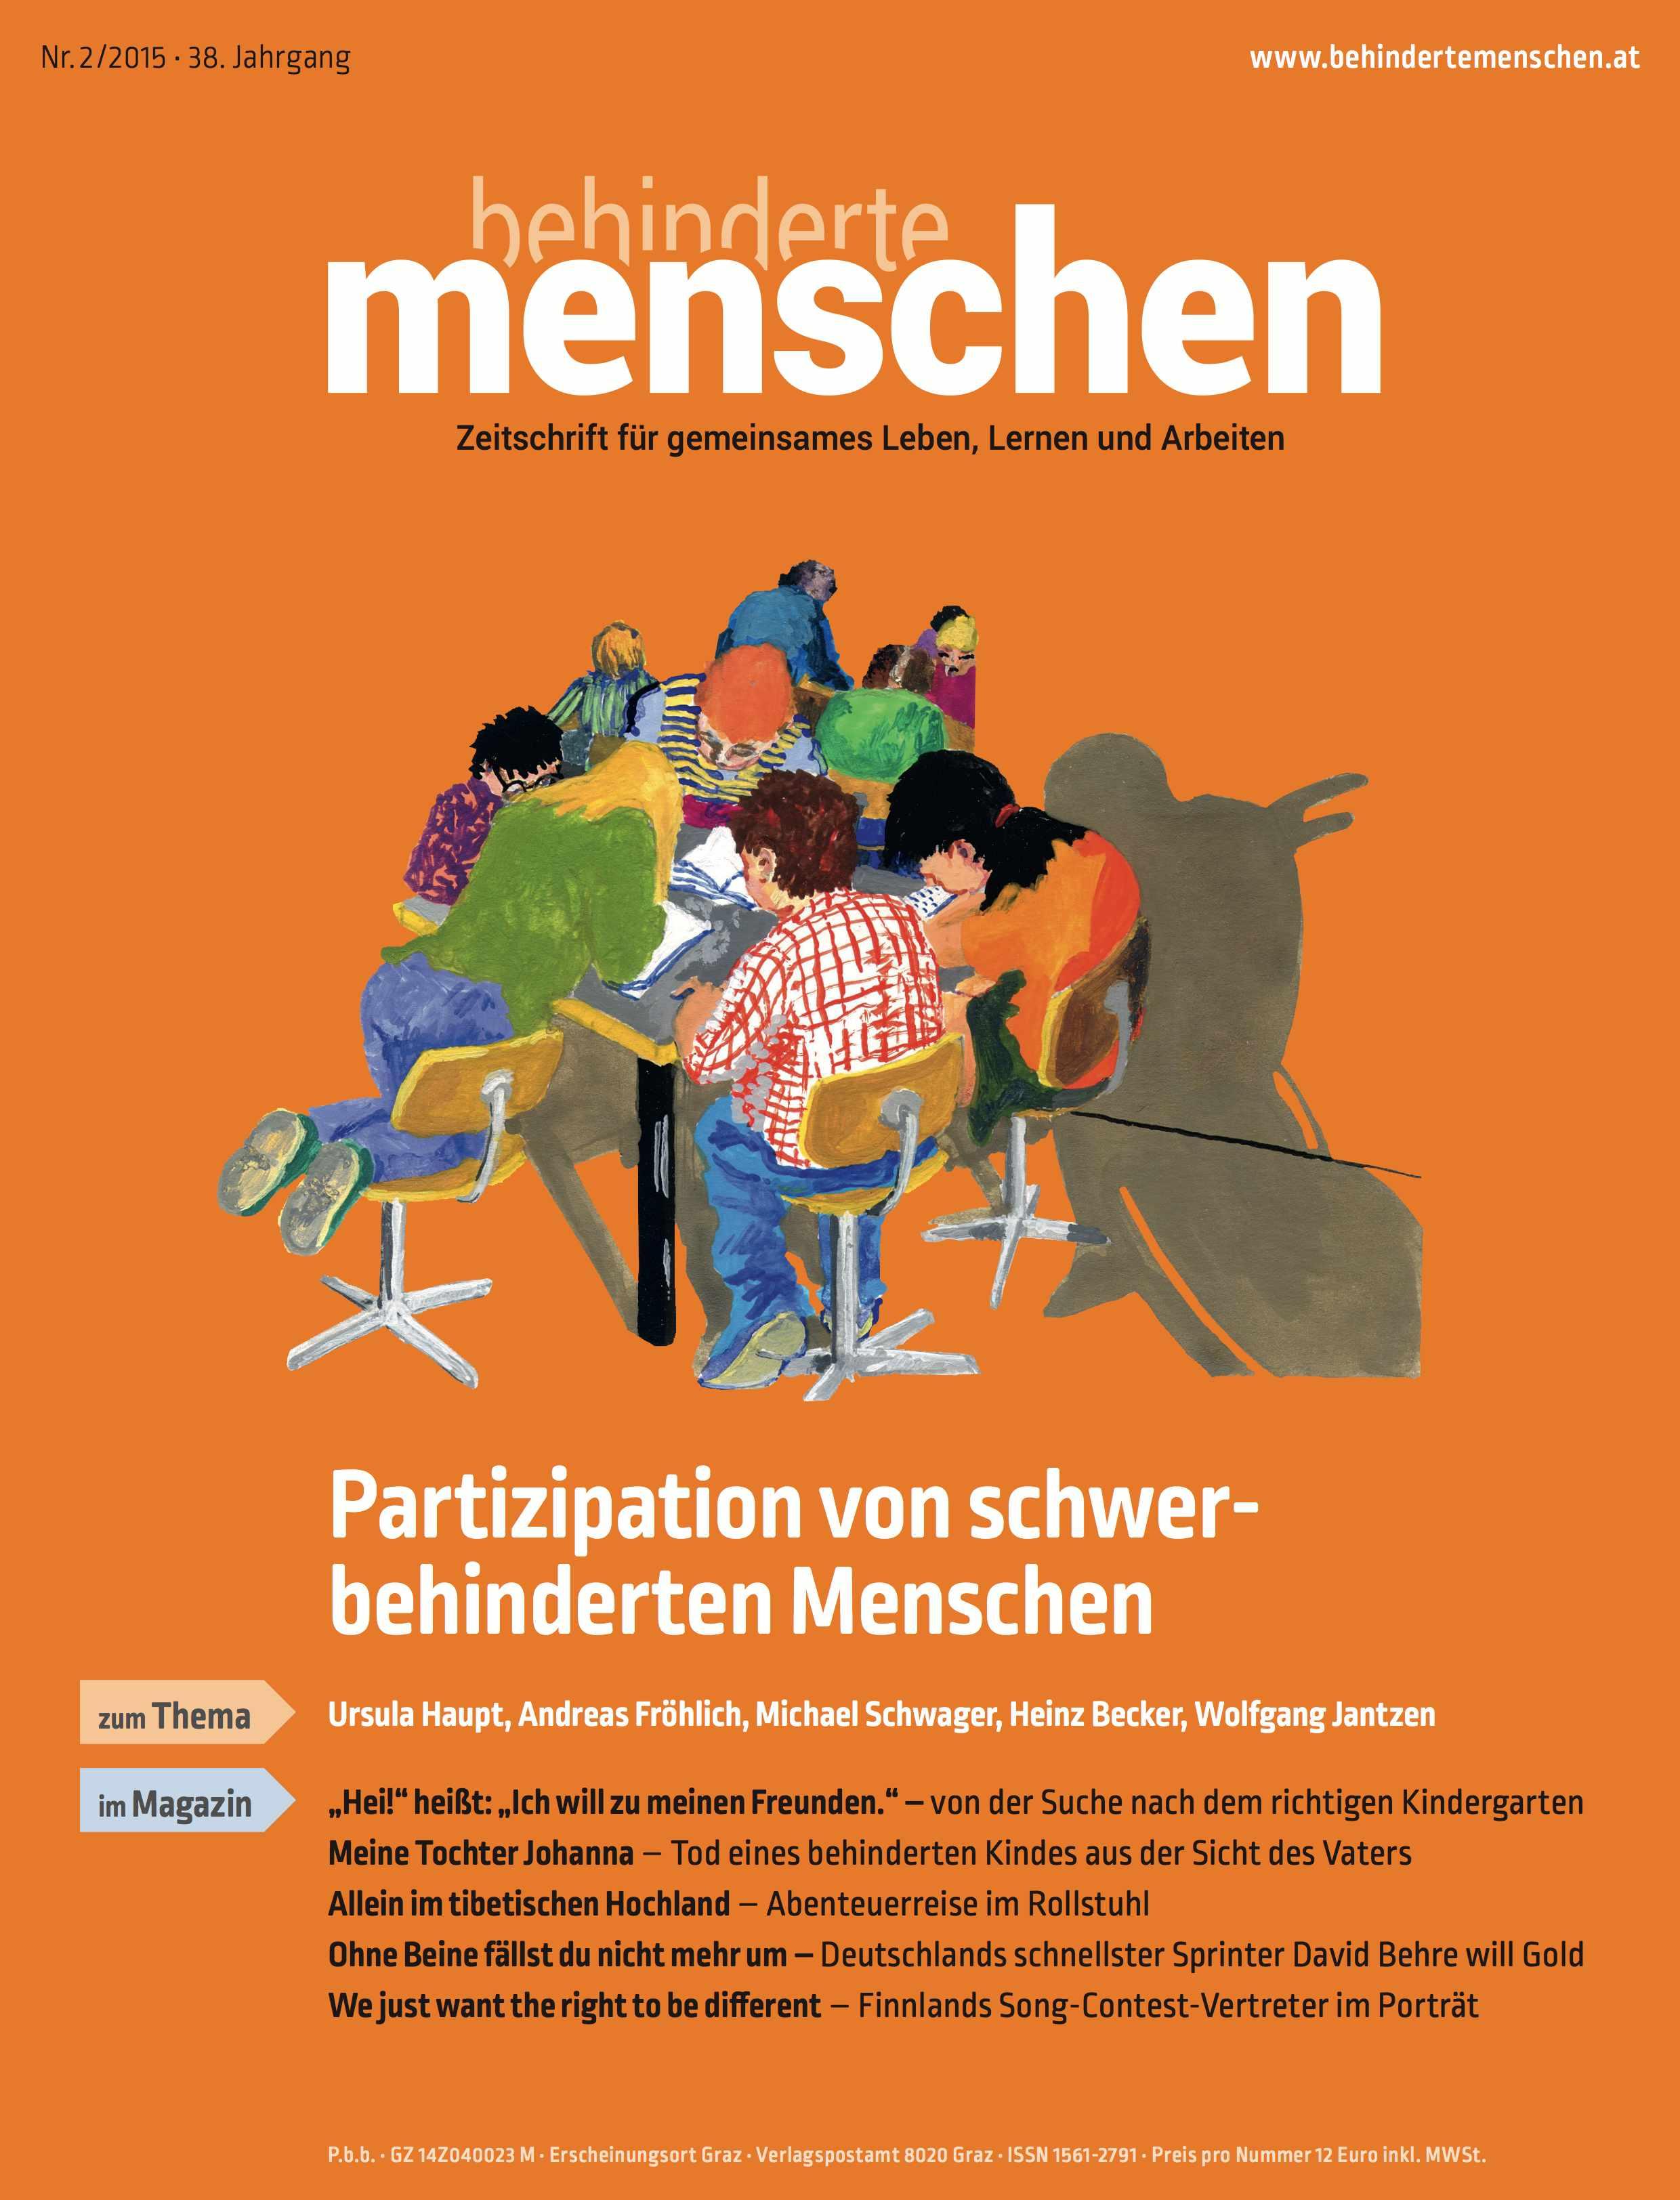 """Titelbild der Zeitschrift BEHINDERTE MENSCHEN, Ausgabe 2/2015 """"Partizipation von schwerbehinderten Menschen"""""""